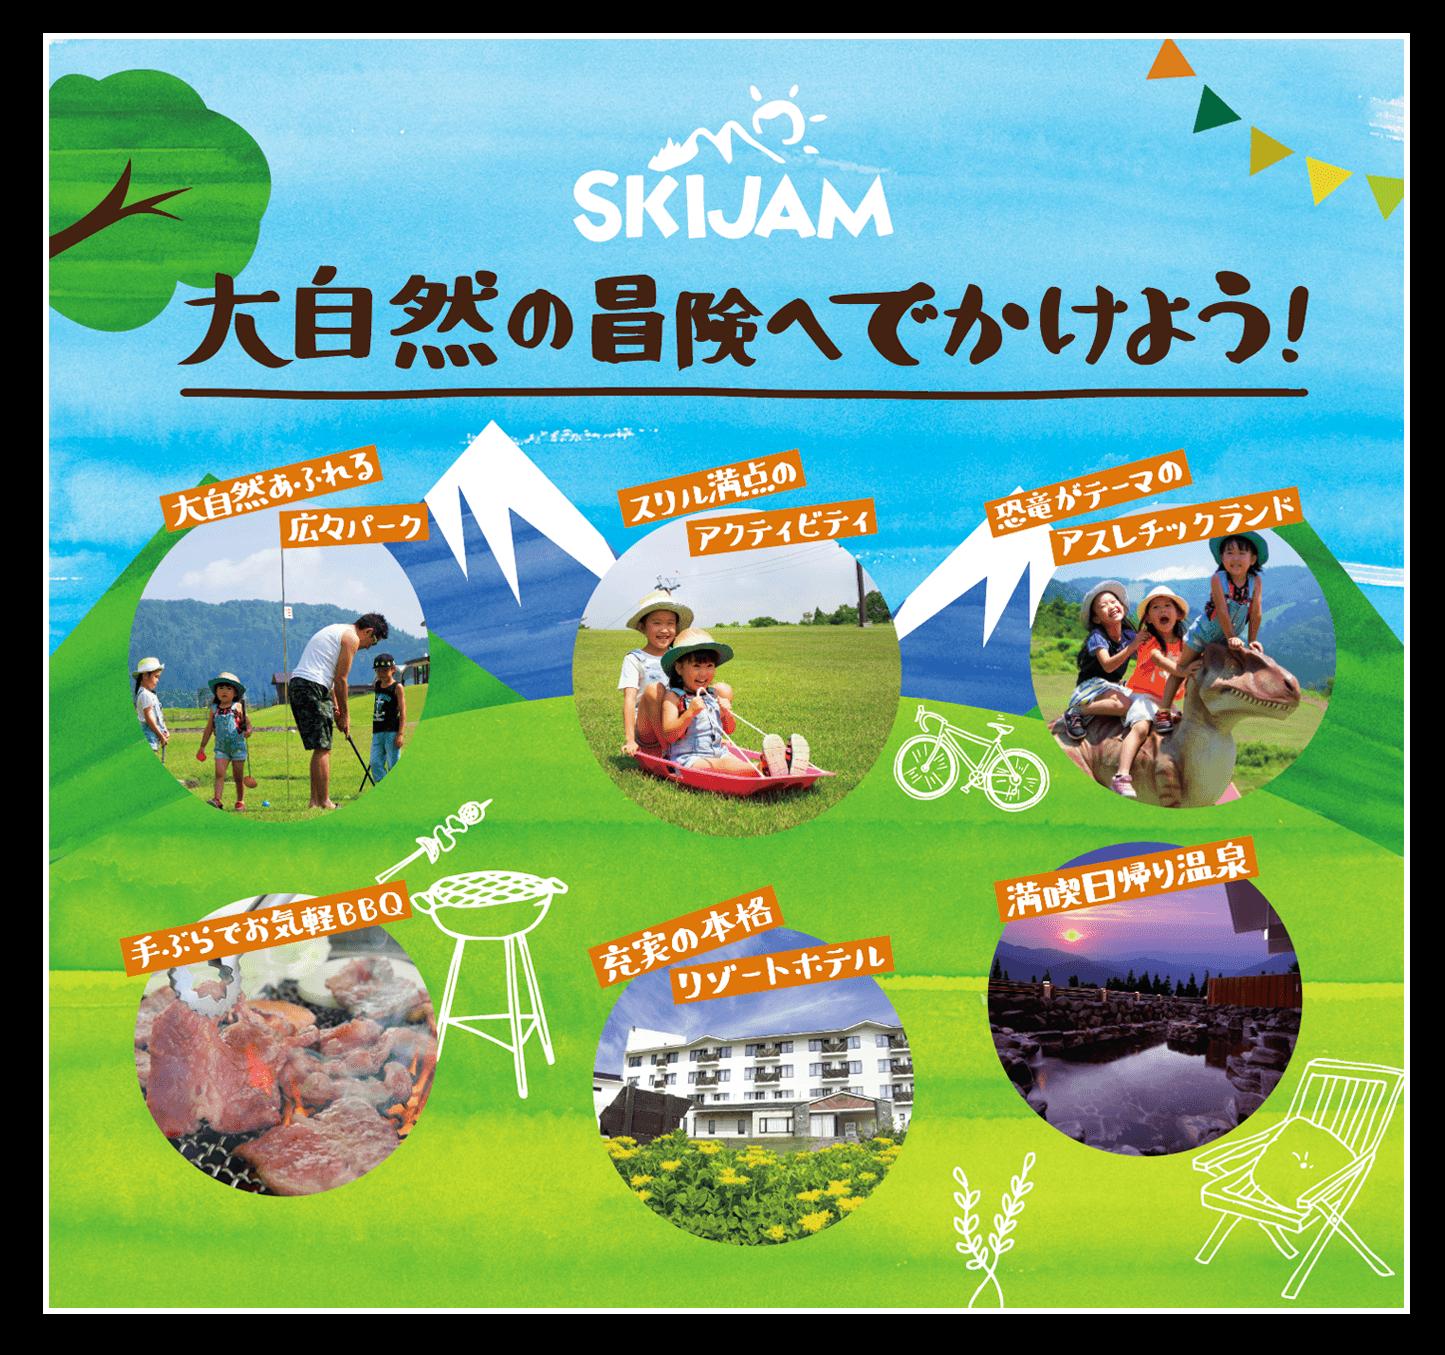 スキージャム勝山 大自然の冒険へでかけよう!